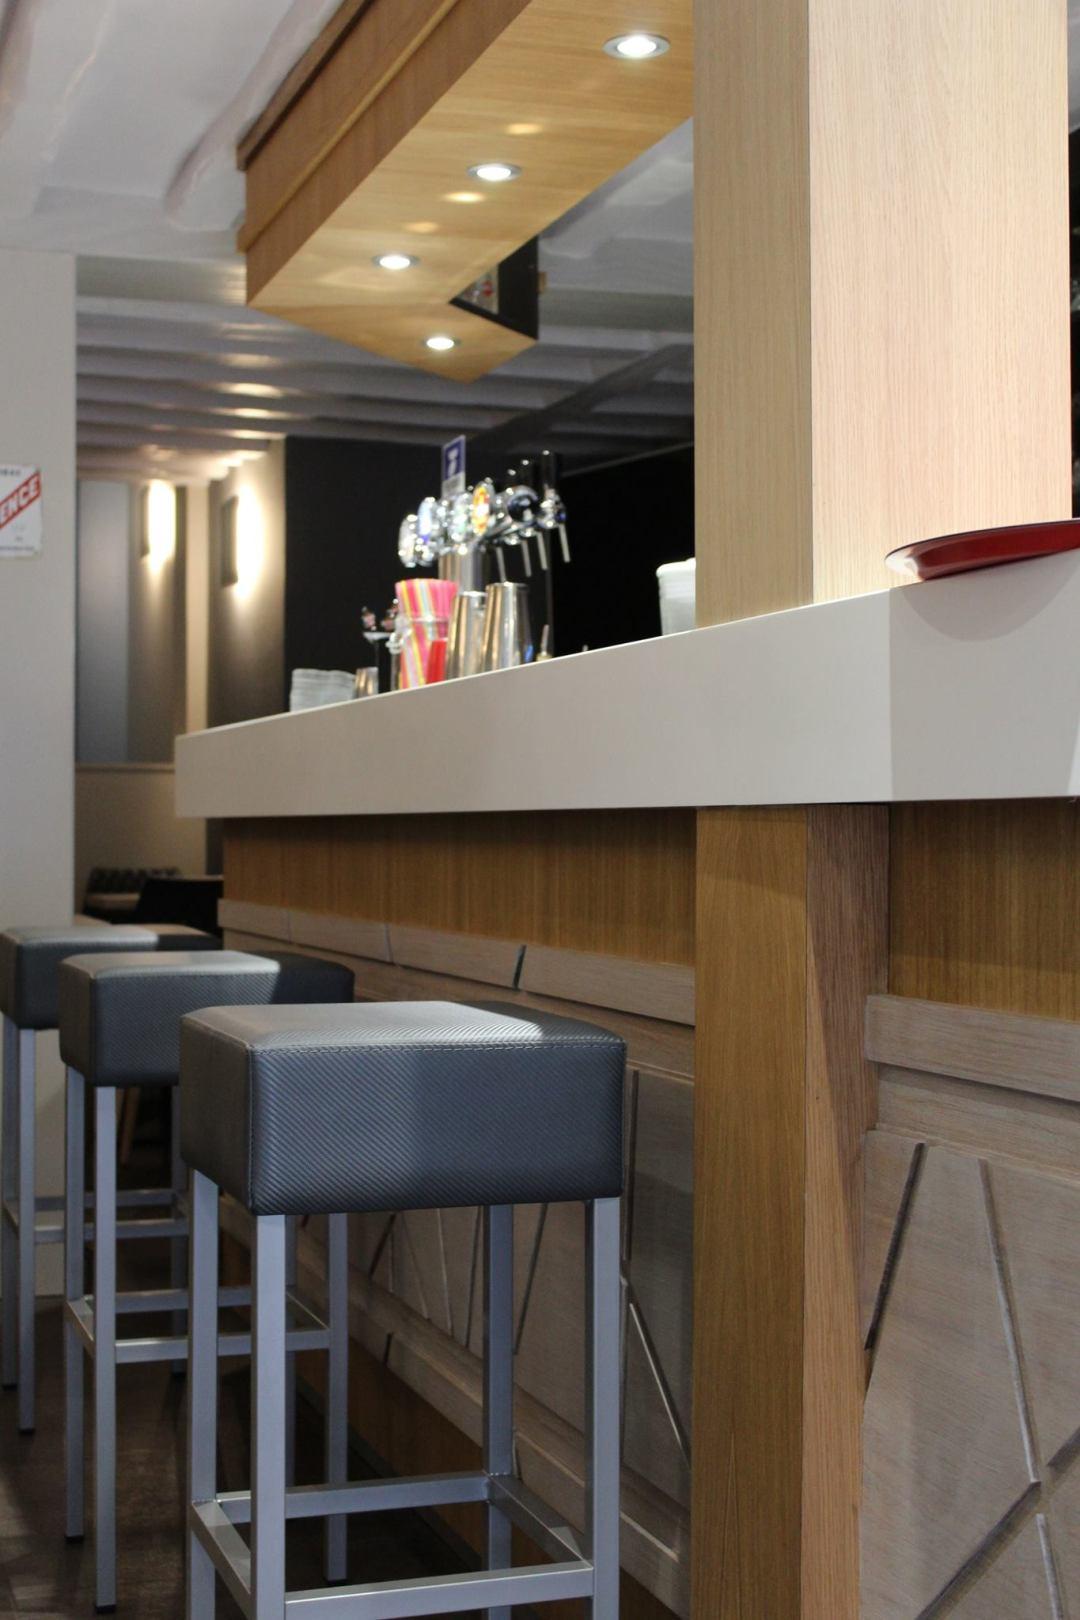 Café scazz Rouen - Les Associés en Décoration